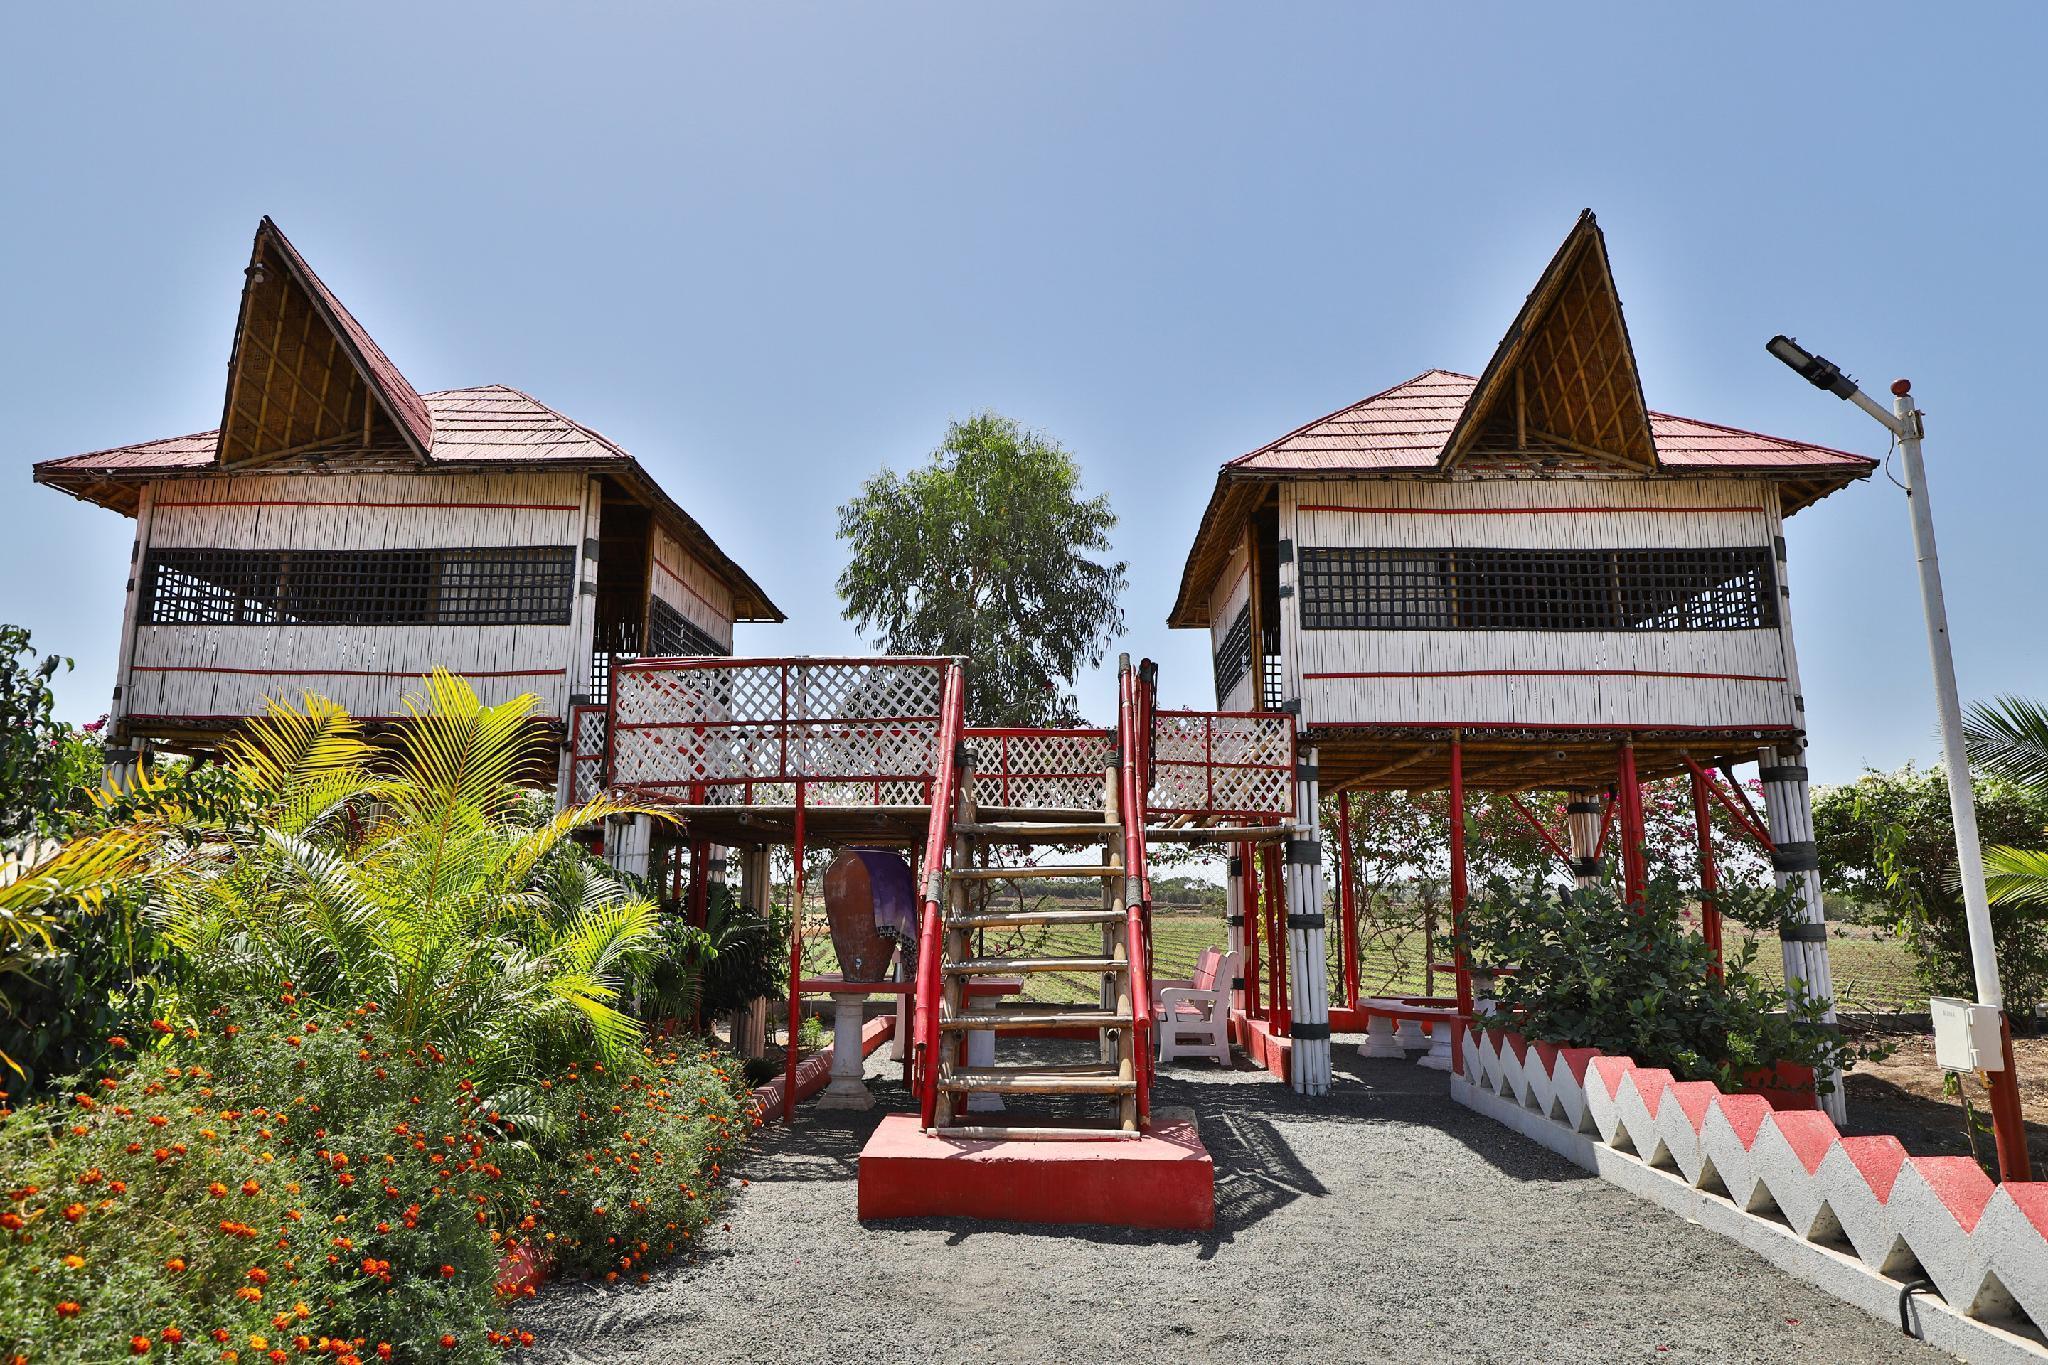 OYO 35428 Shree Khodal Farm